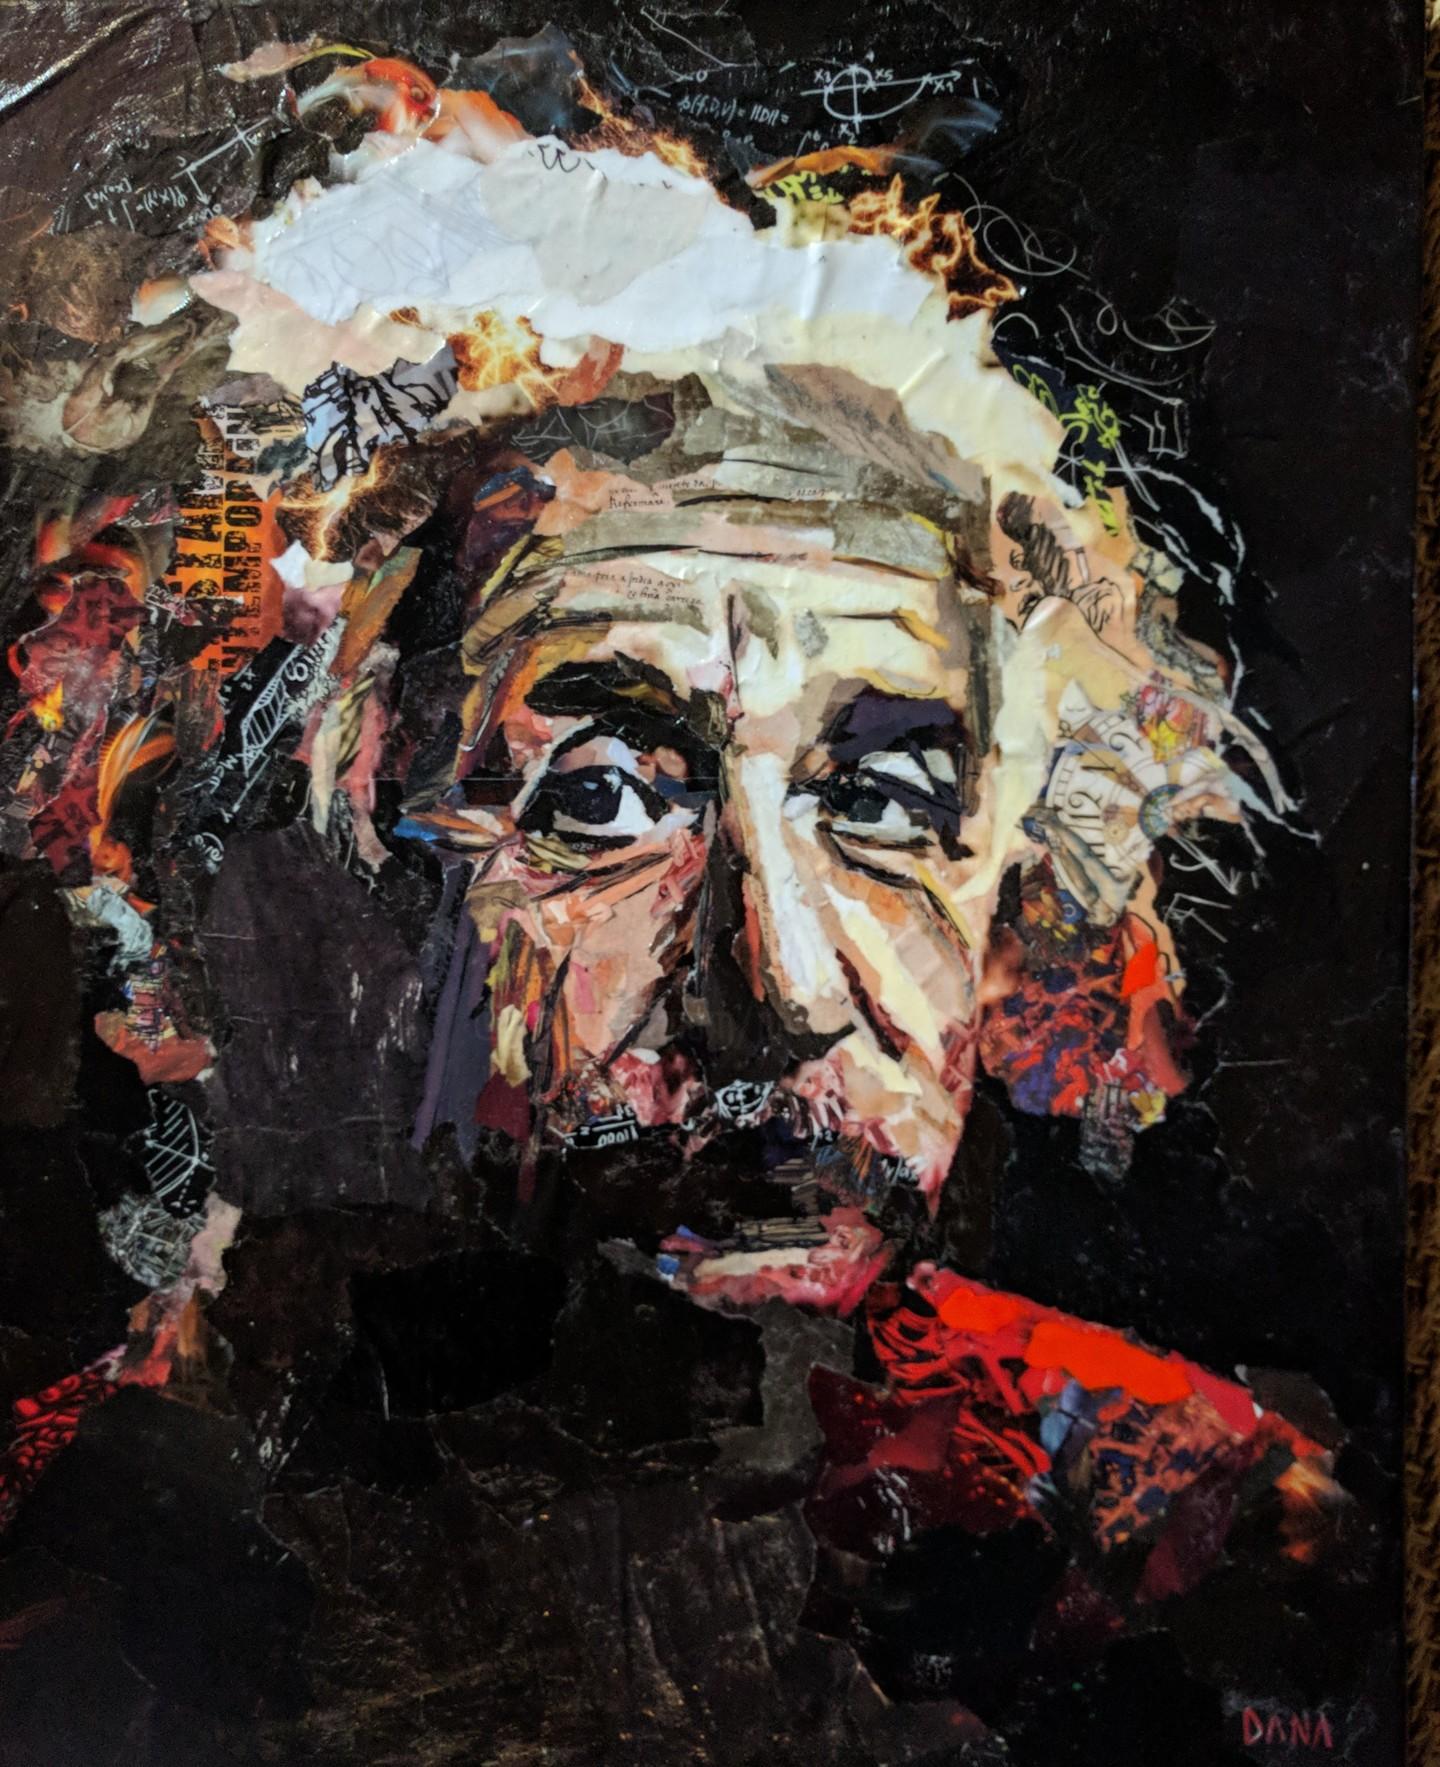 Dana - Albert Einstein